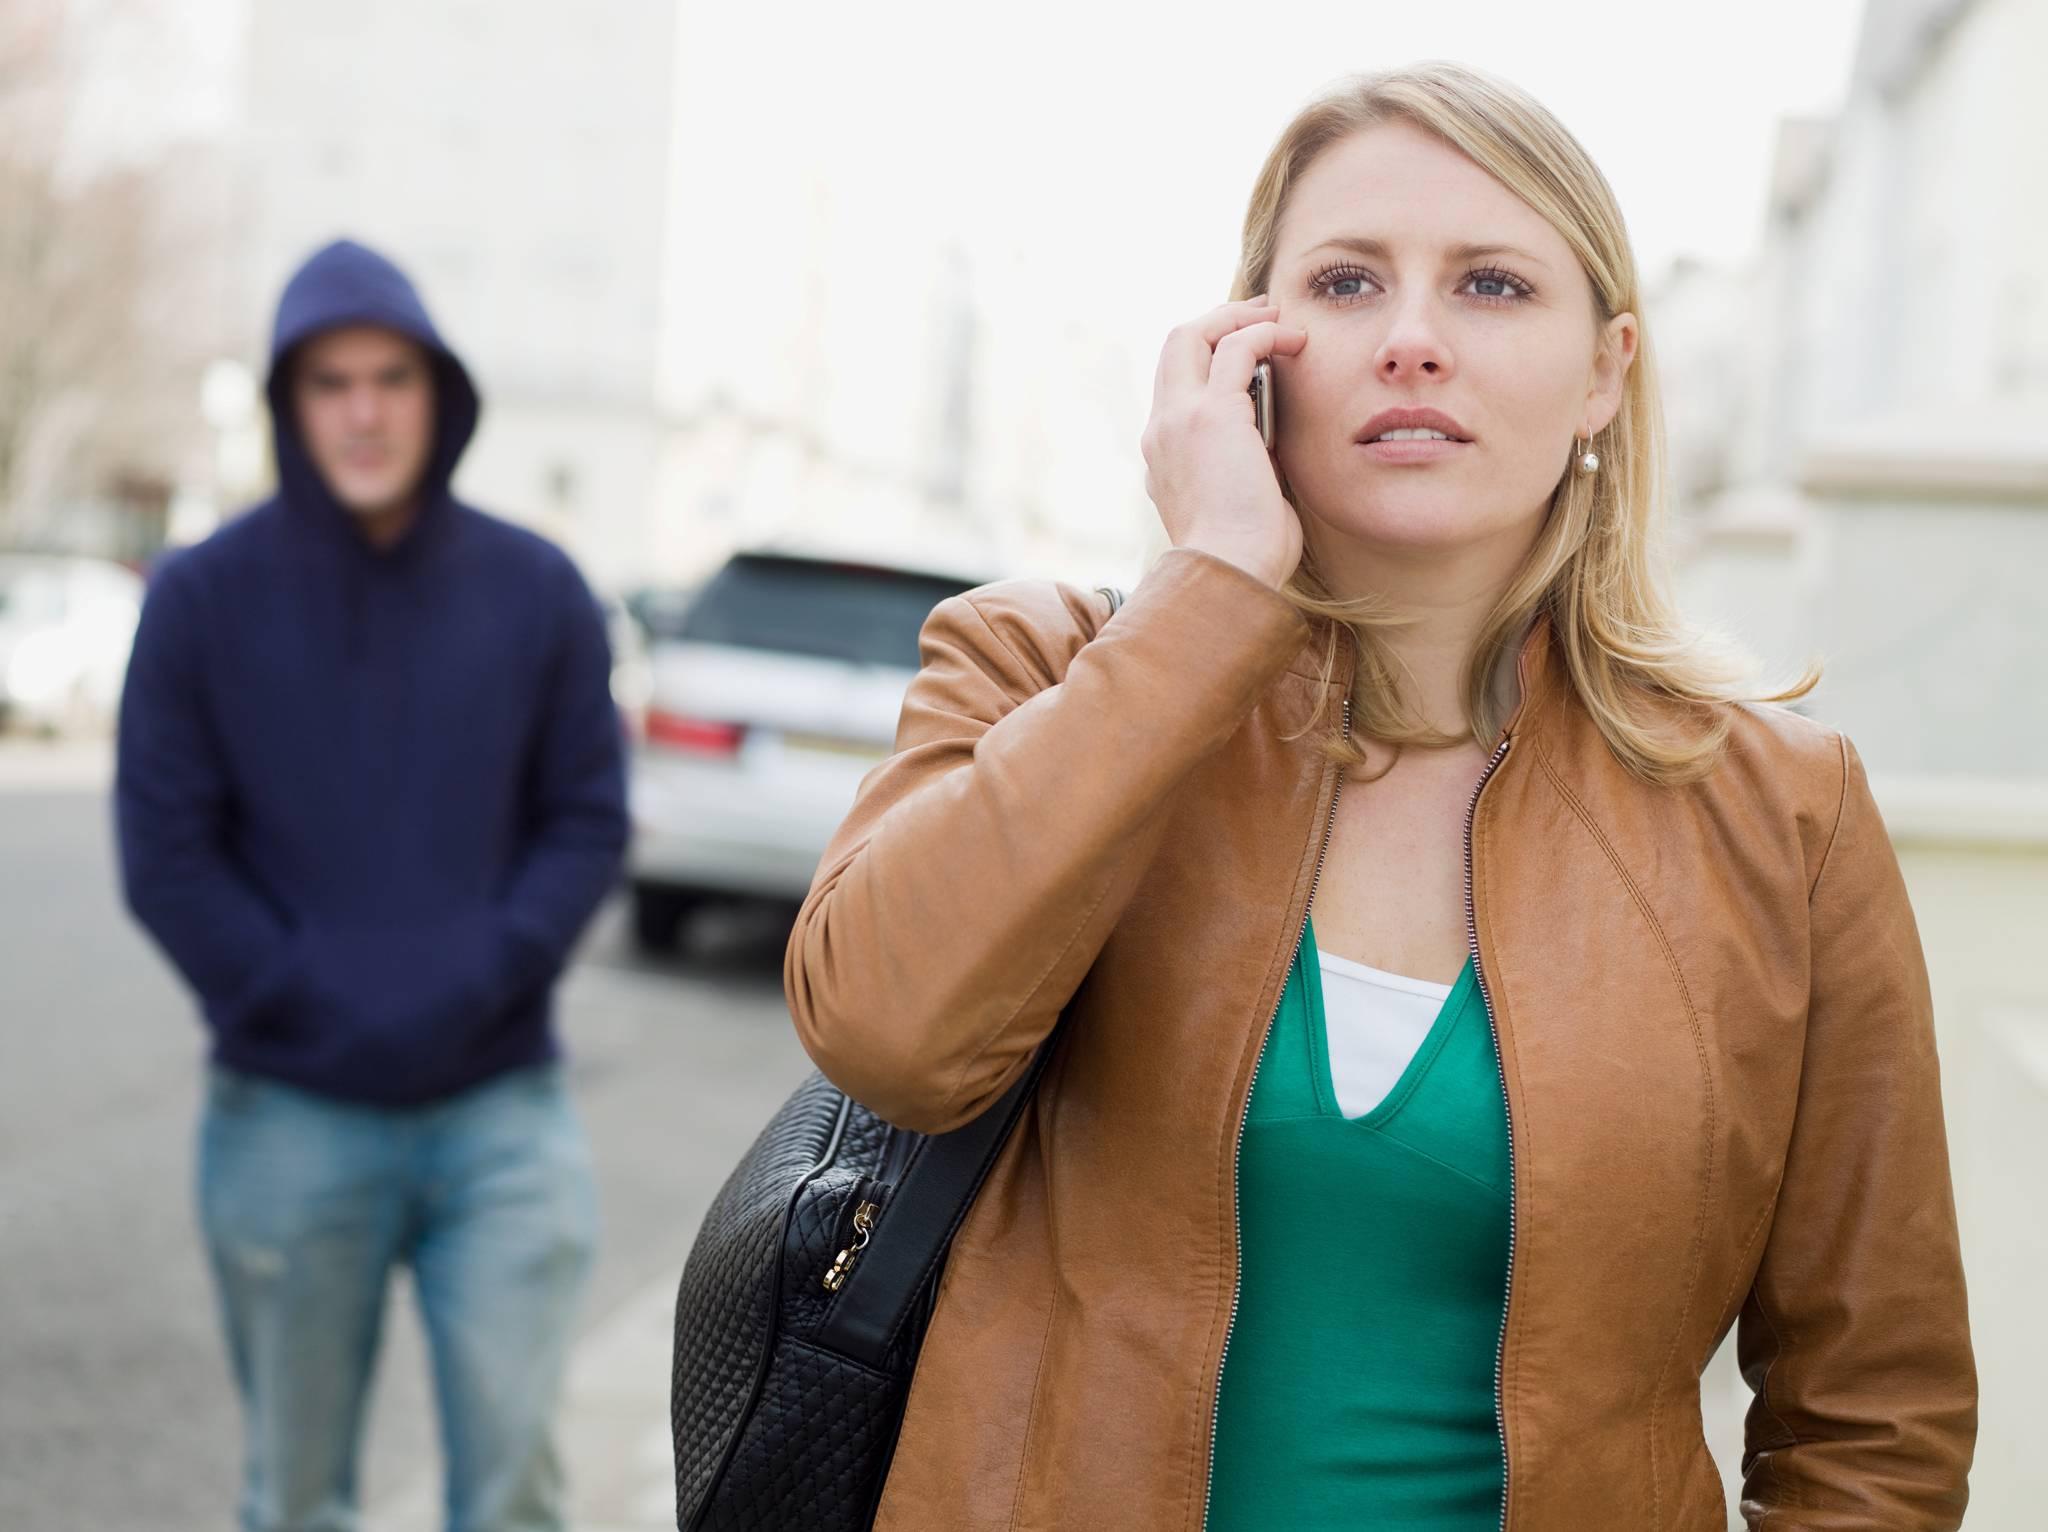 """Psikolojik bir taciz türü olarak """"Stalking"""" iş yerlerinde her an yaşanabilir"""